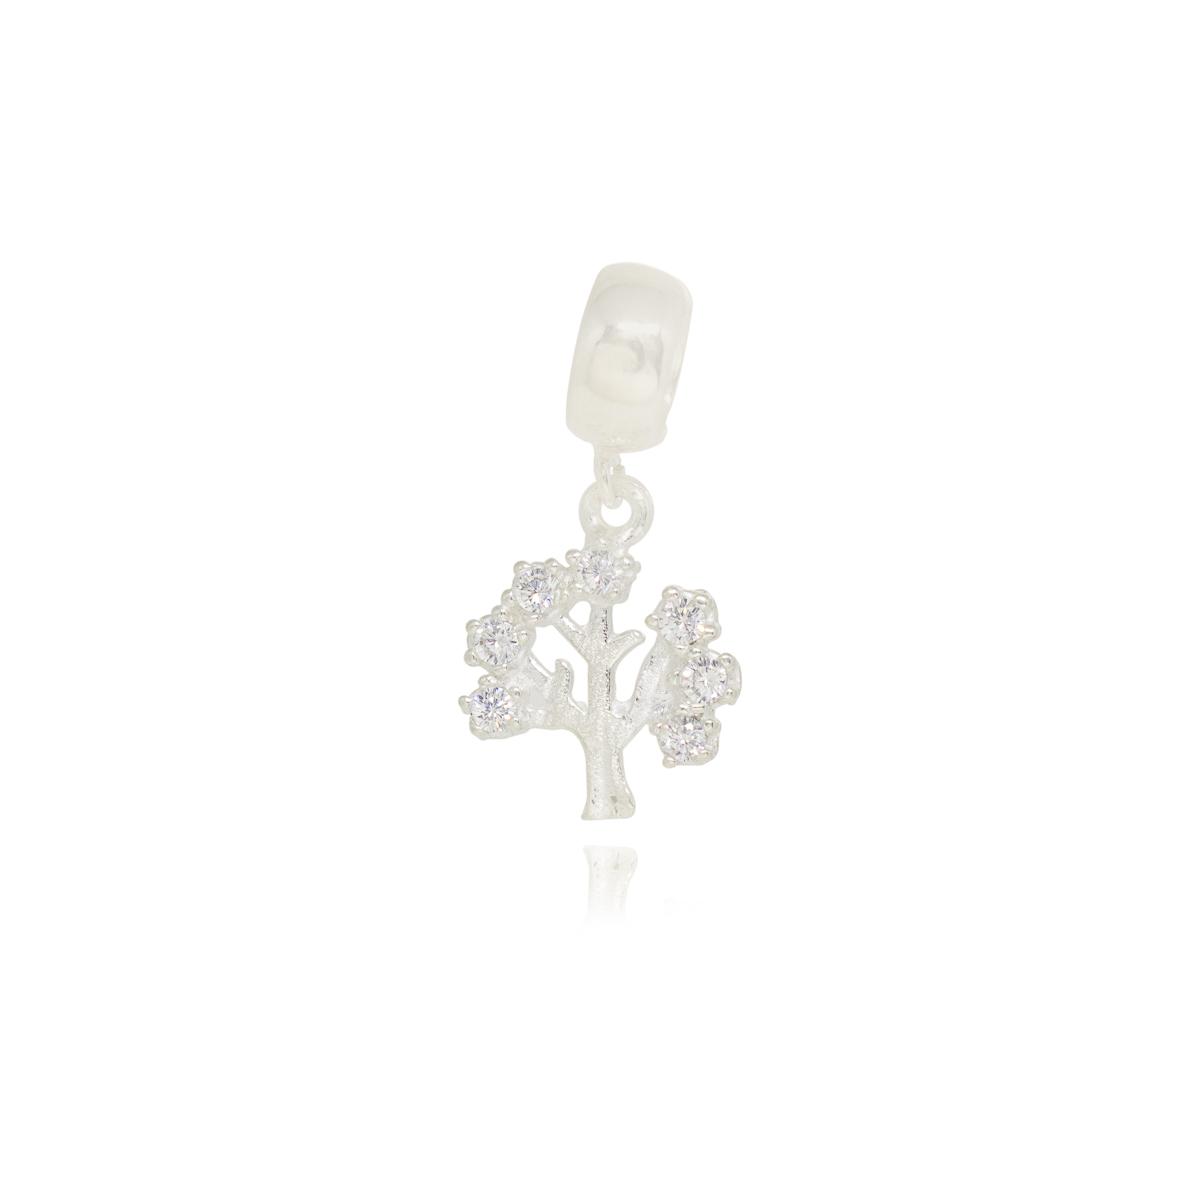 Pingente berloque joia prata 925 e zircônia Árvore da Vida